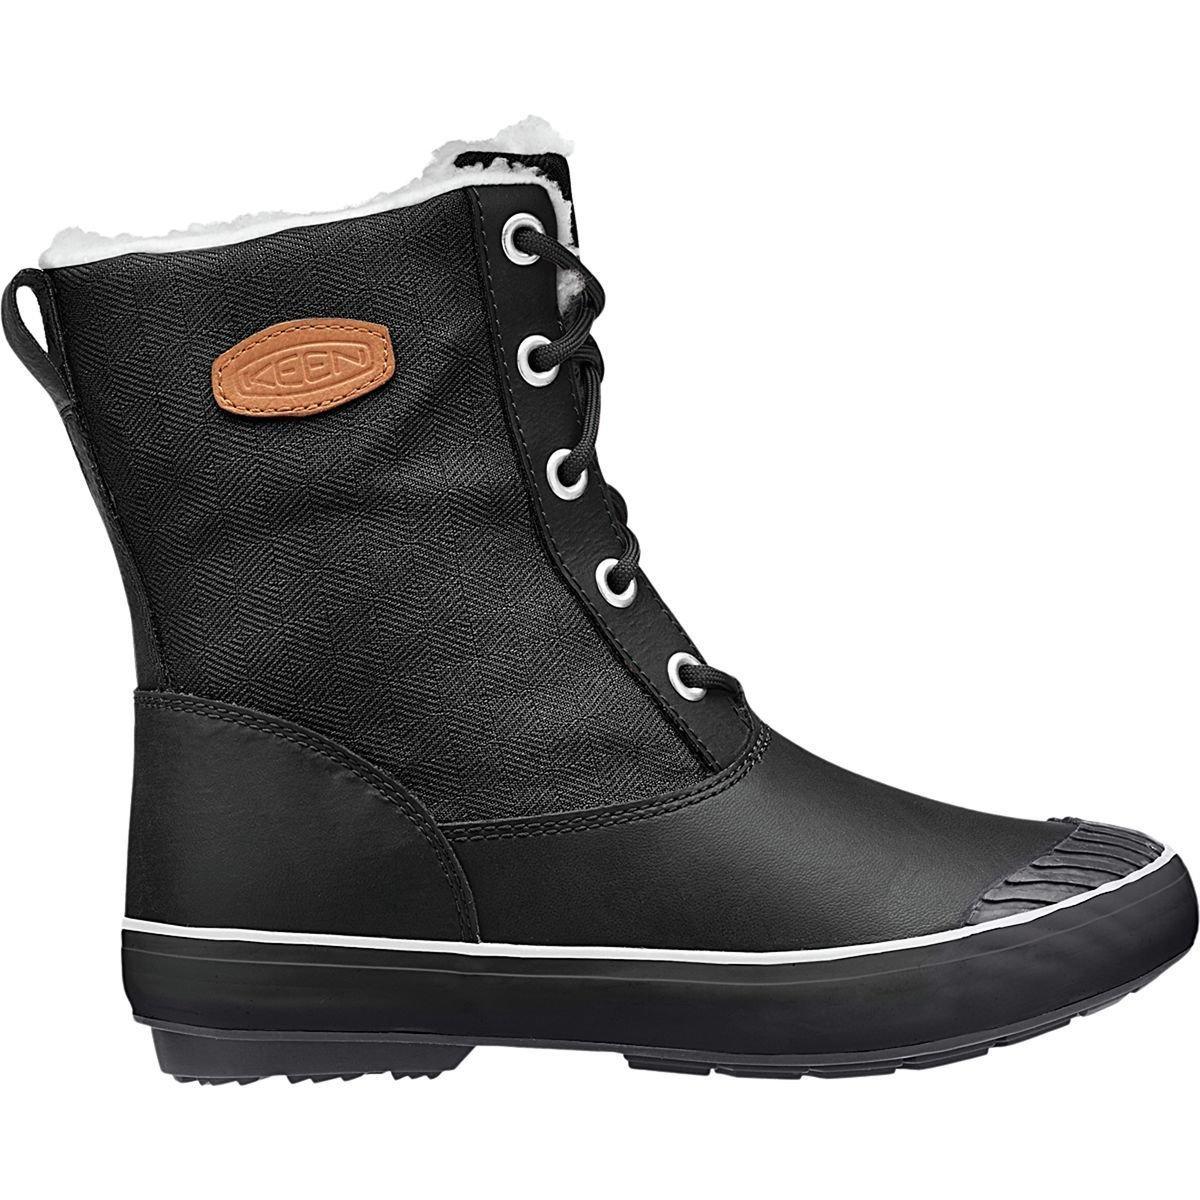 KEEN Women's Elsa Boot Waterproof Winter Boot, Black, 7 M US